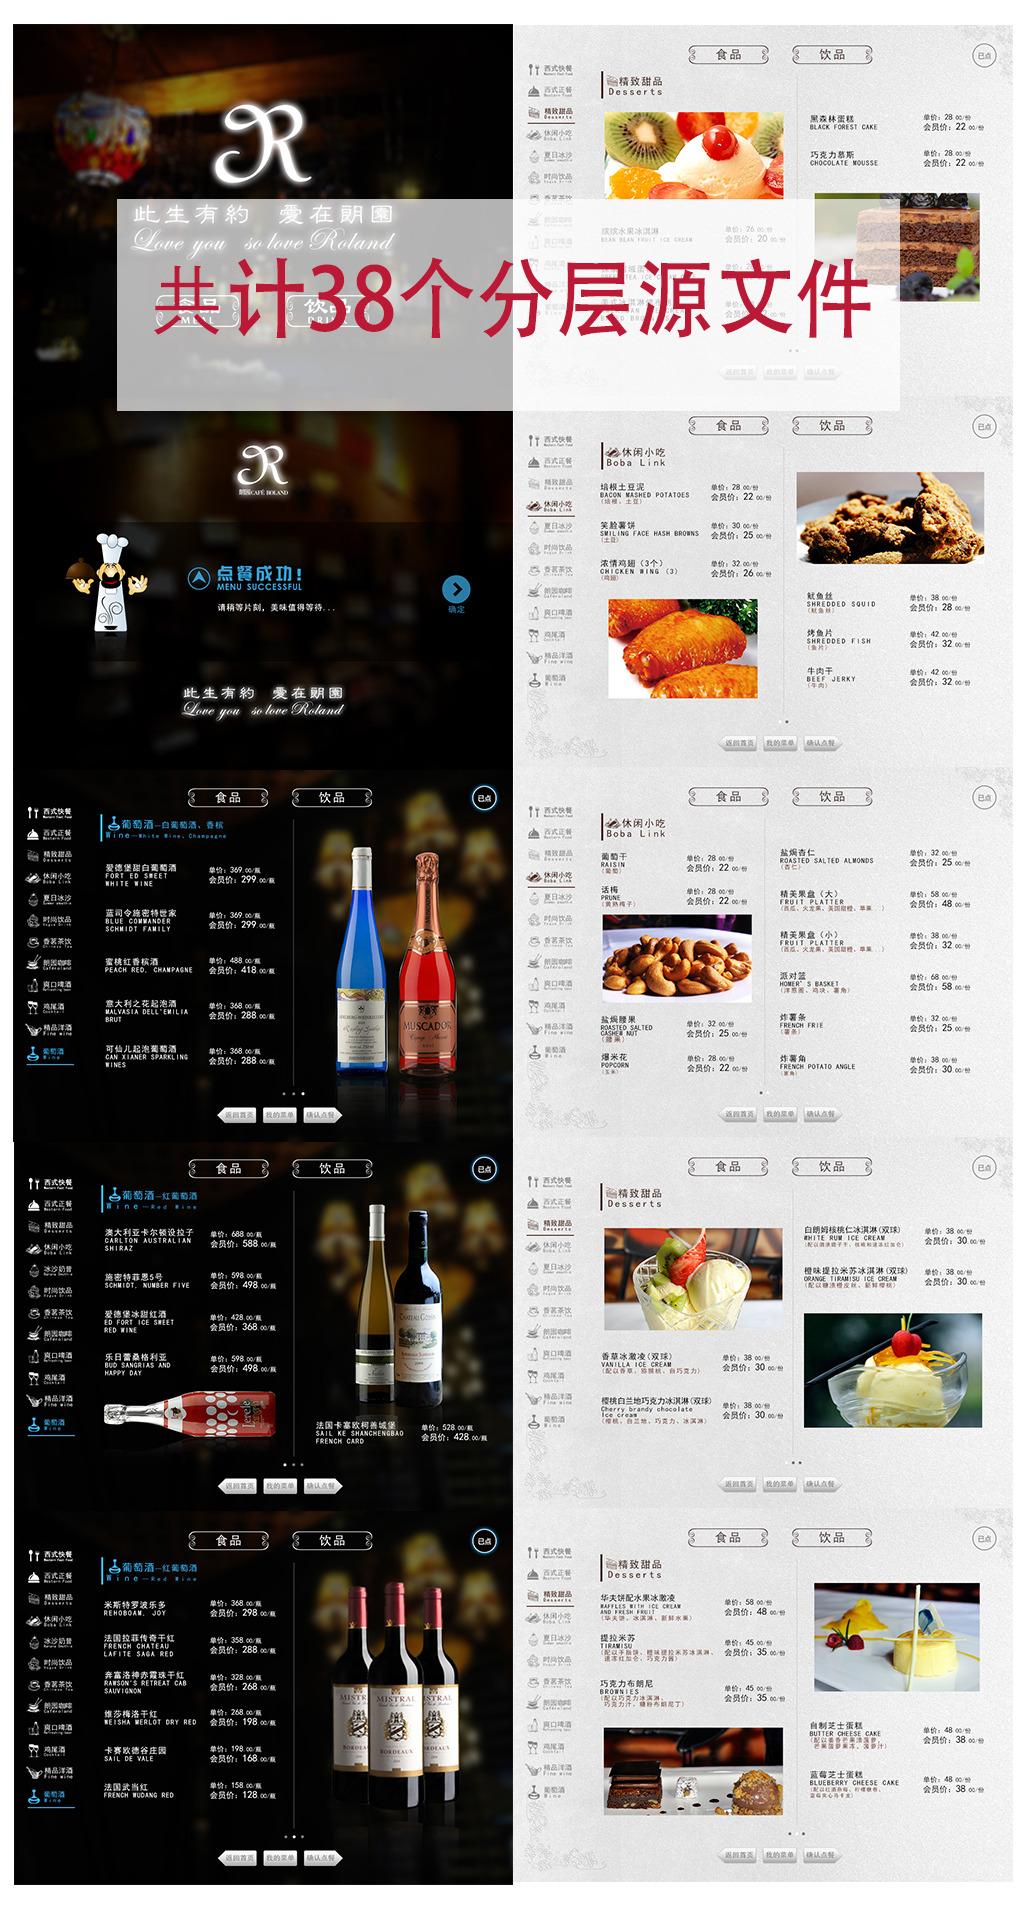 ipad菜单设计模板下载 ipad菜单设计图片下载 ipad菜单 电子菜单 ipad